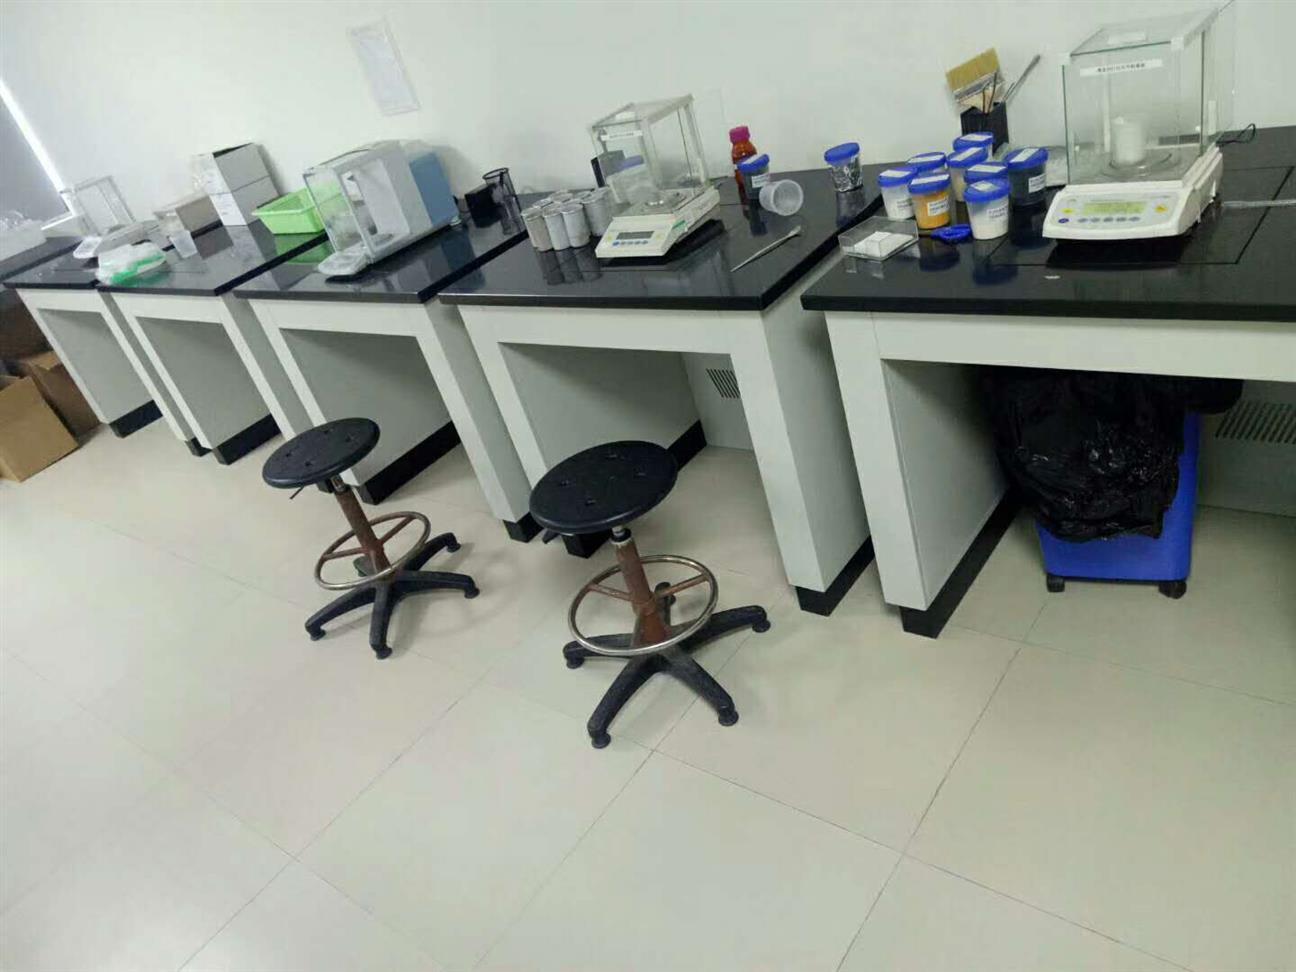 低价热销七台河实验室减震天平台称量台生产厂家 橱柜 可加工定制